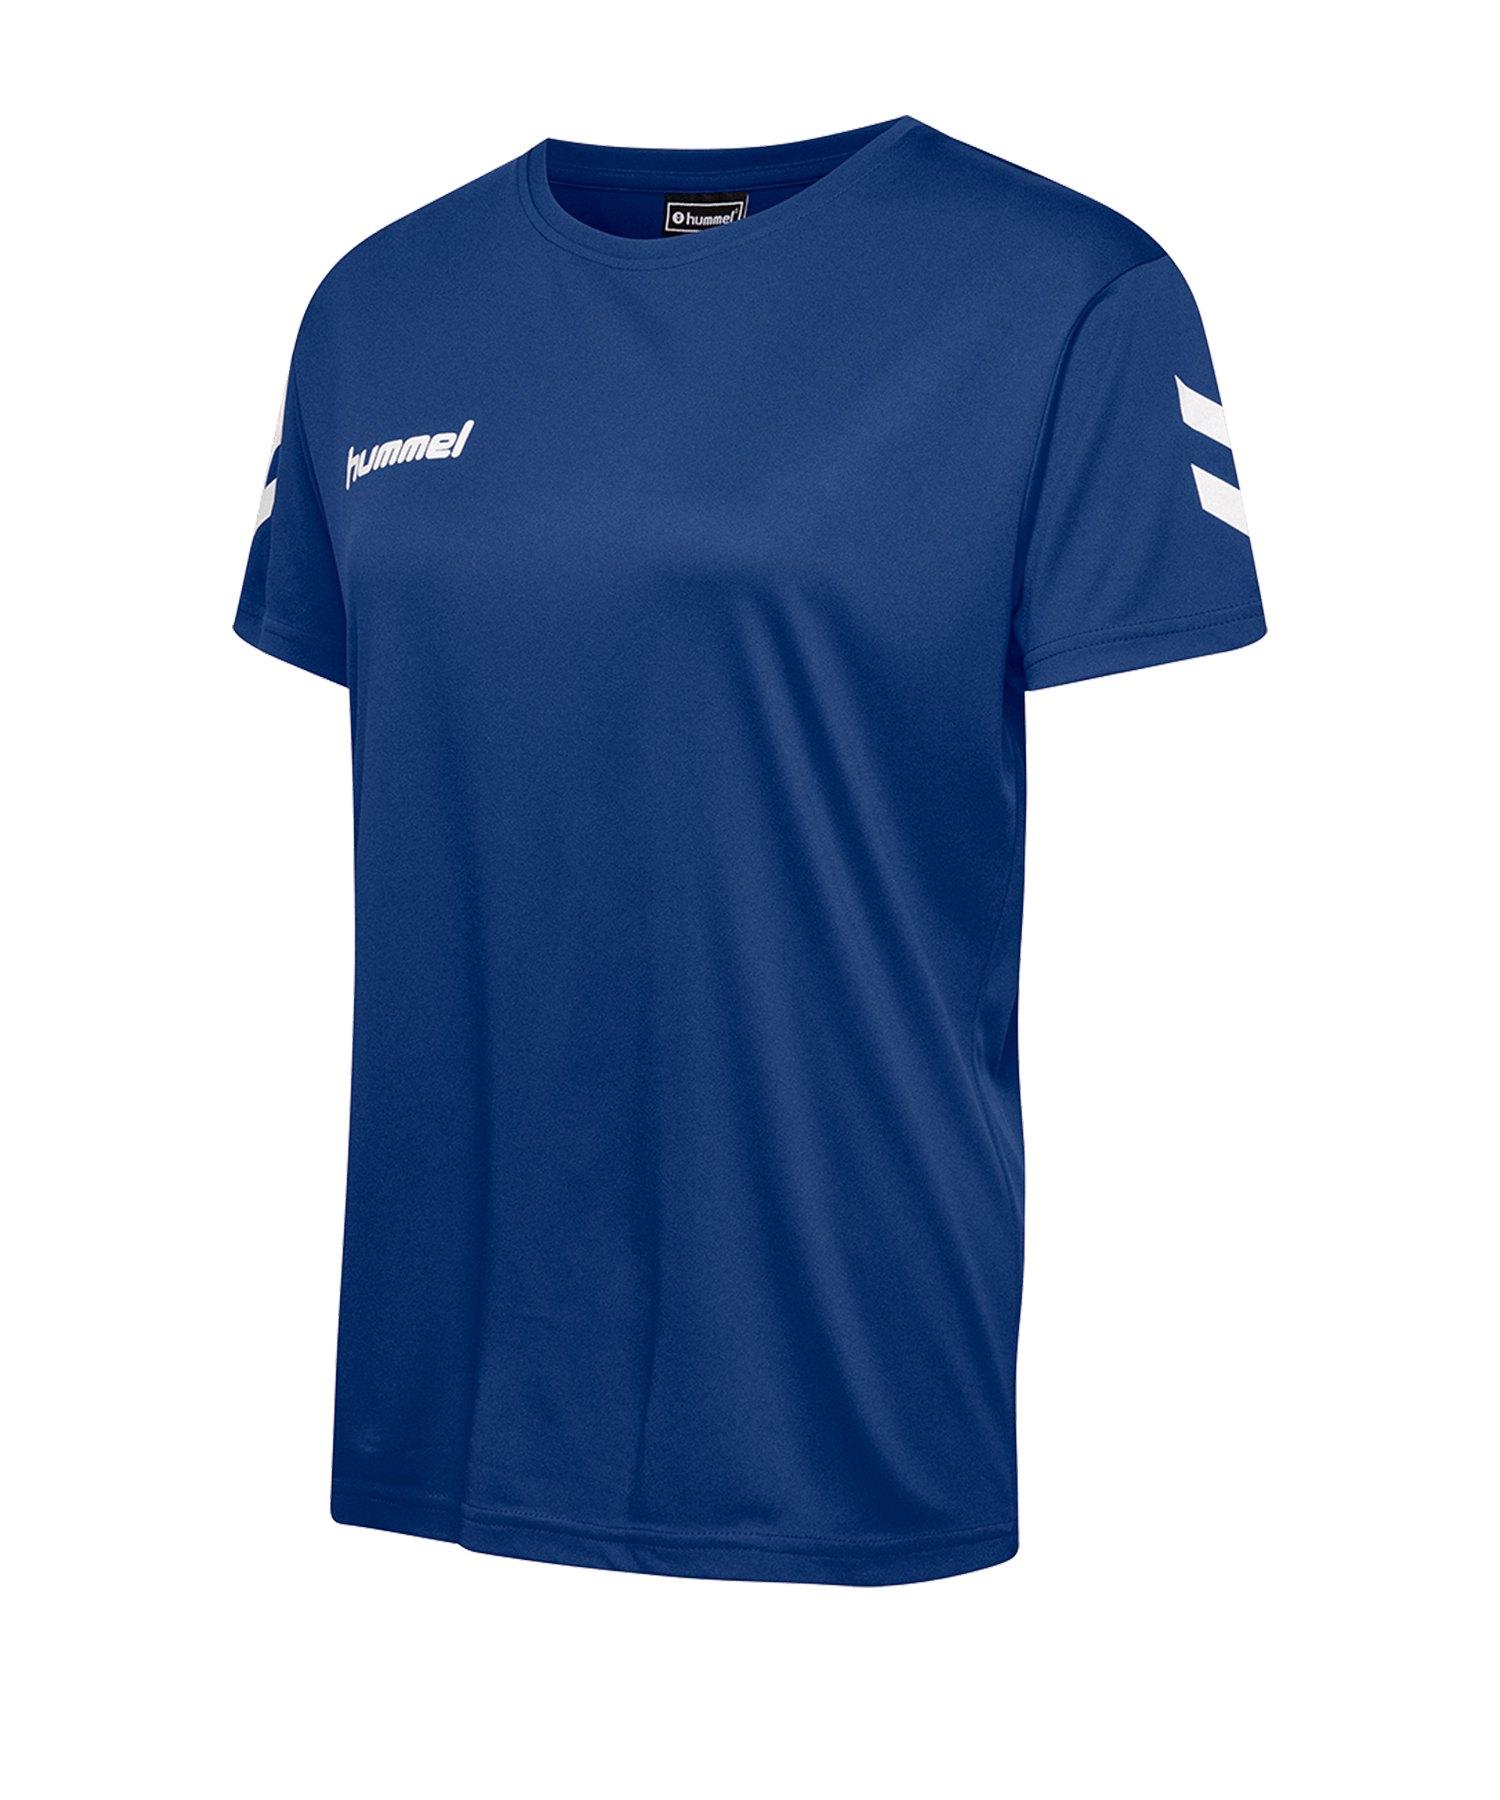 Hummel Core Poly Tee T-Shirt Damen F7045 - blau